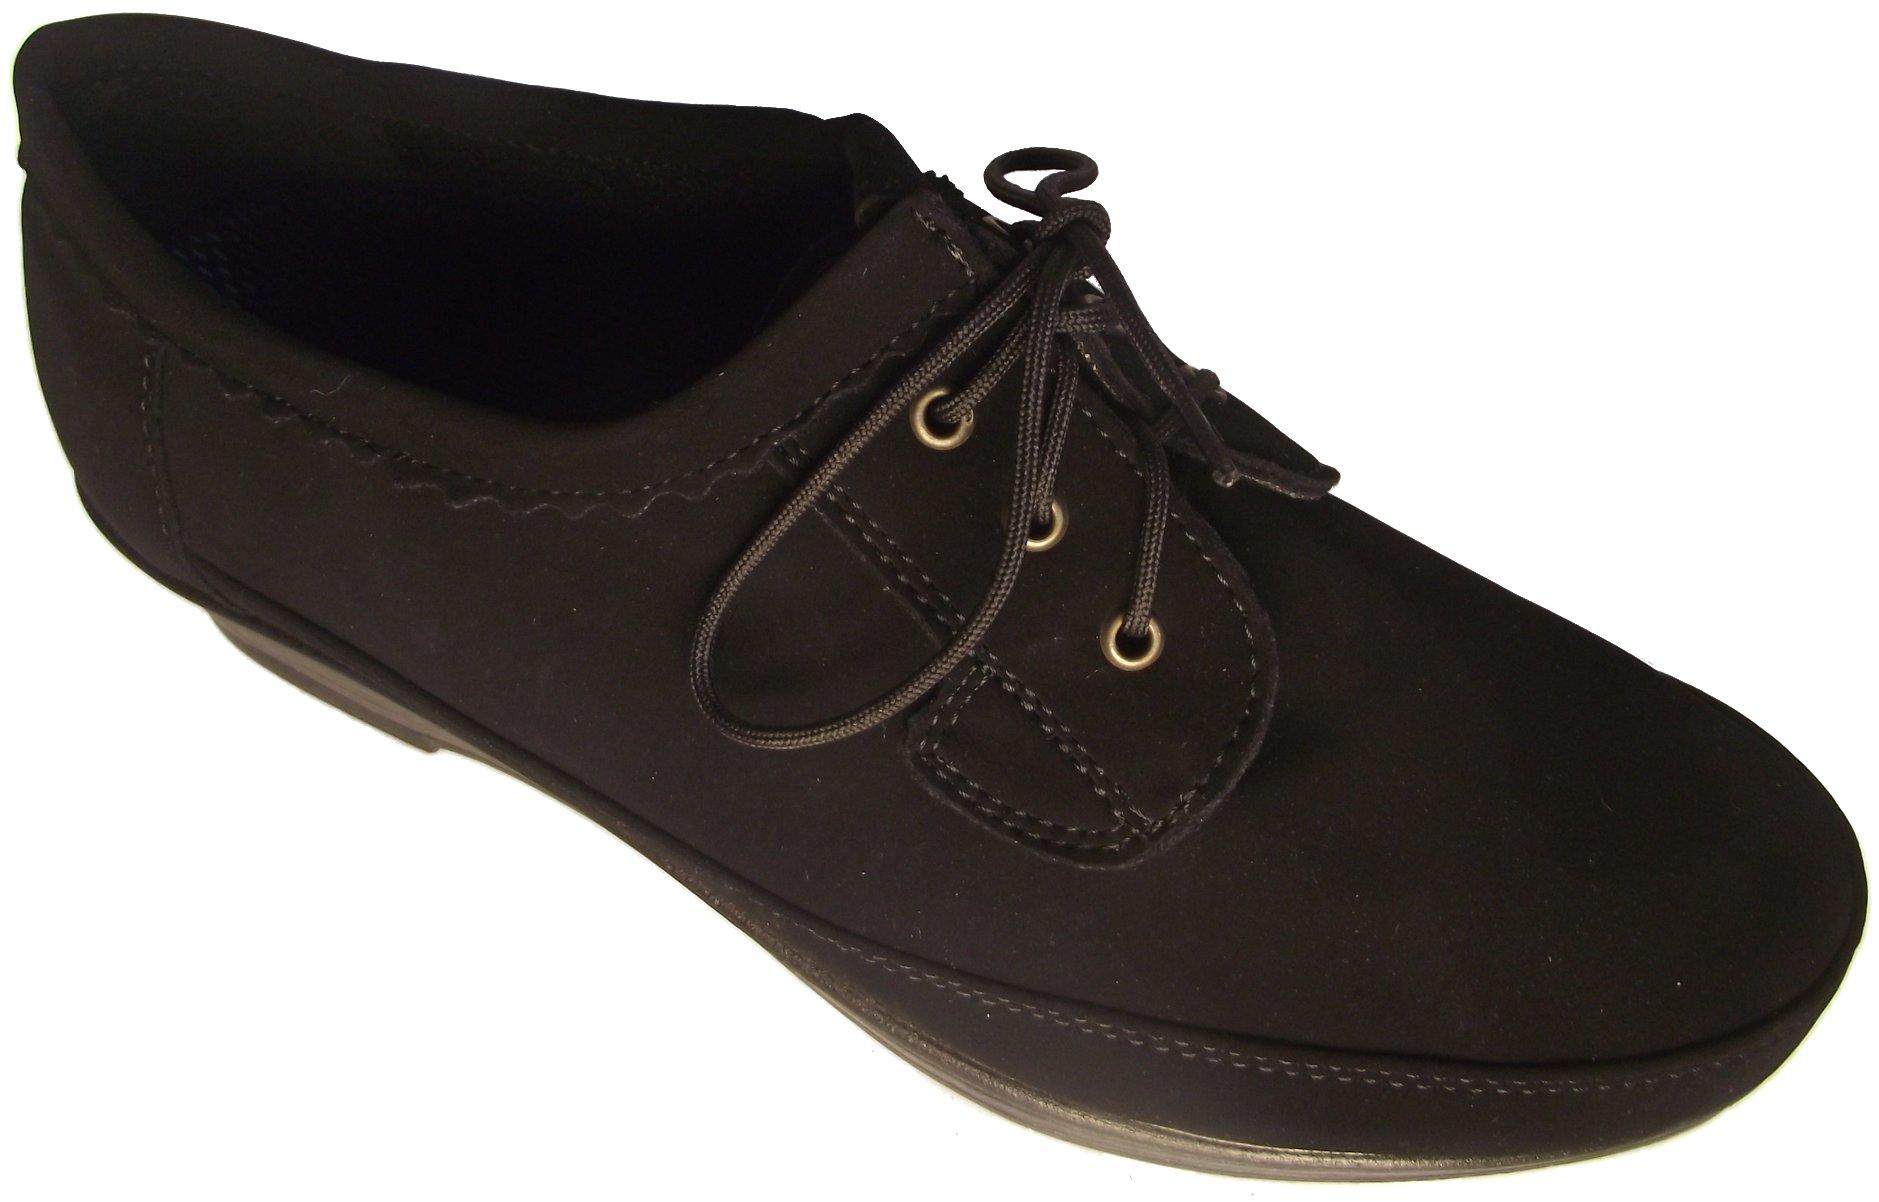 Dámská vycházková obuv na klínku NES 2401 Velikost: 38 (EU)